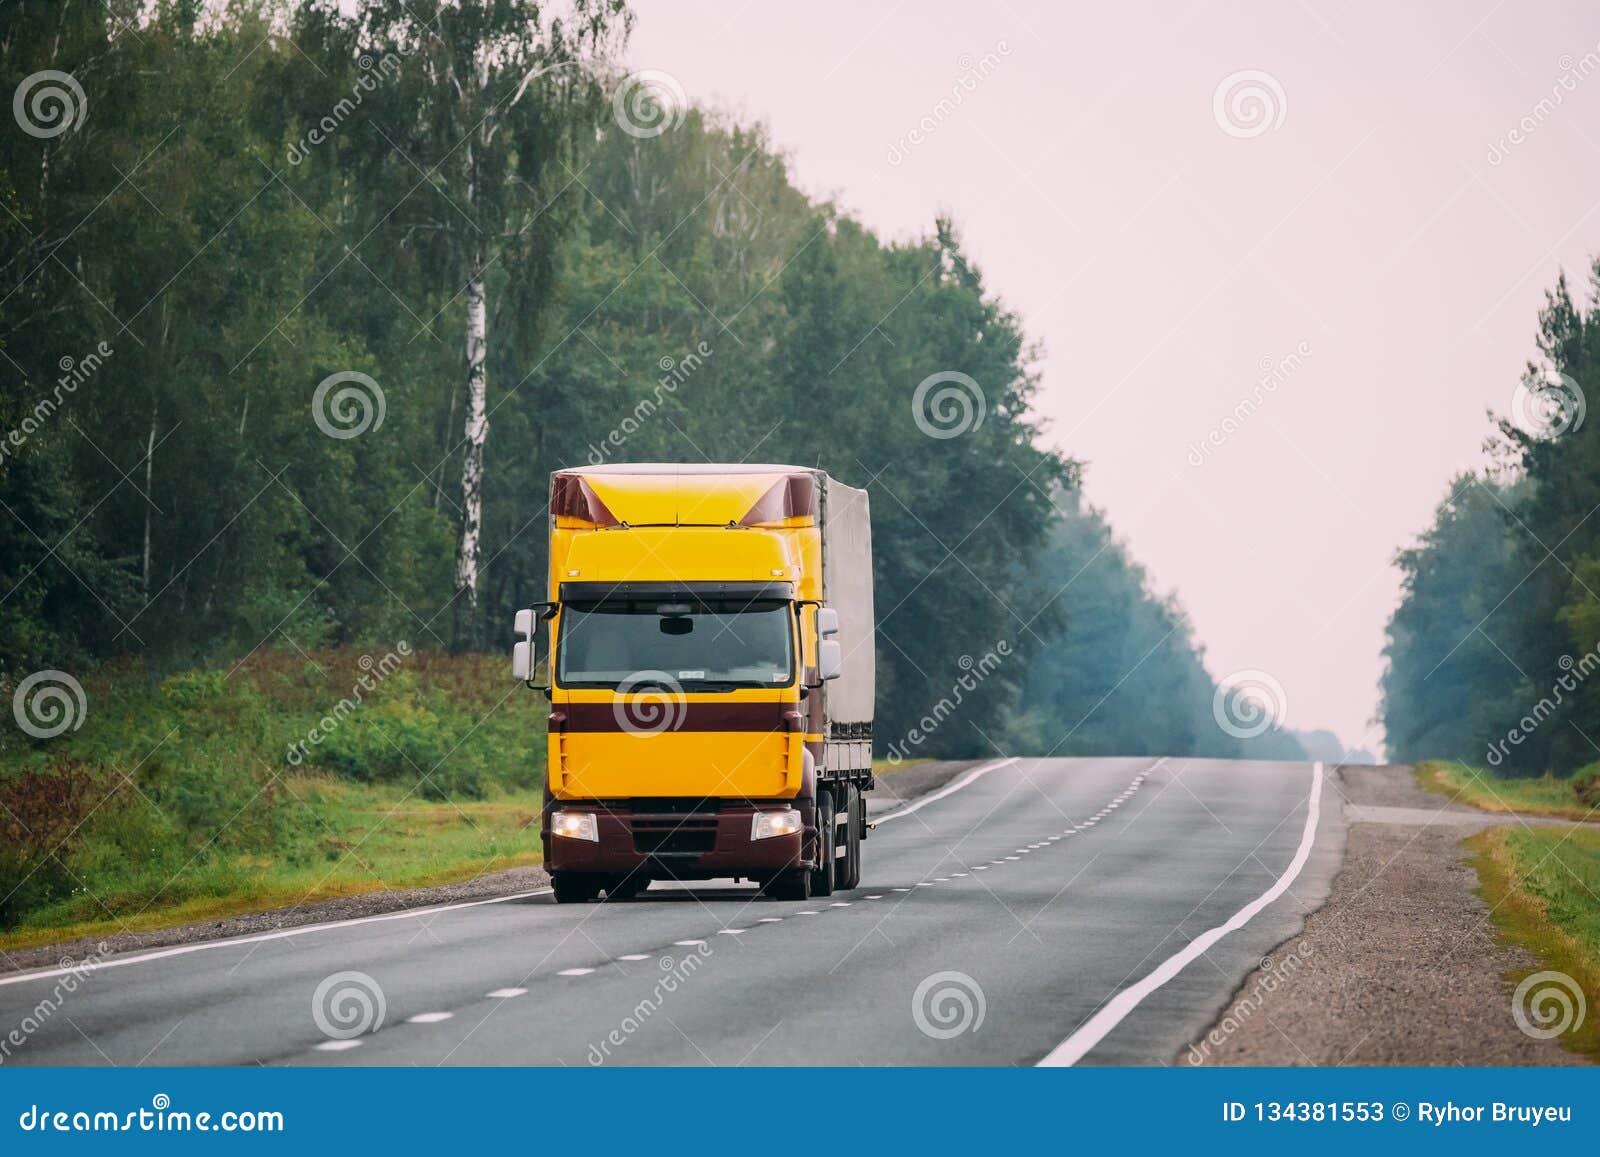 Lastbil- eller traktorenhet som är främsta - flyttkarl, dragkraftenhet i rörelse på R